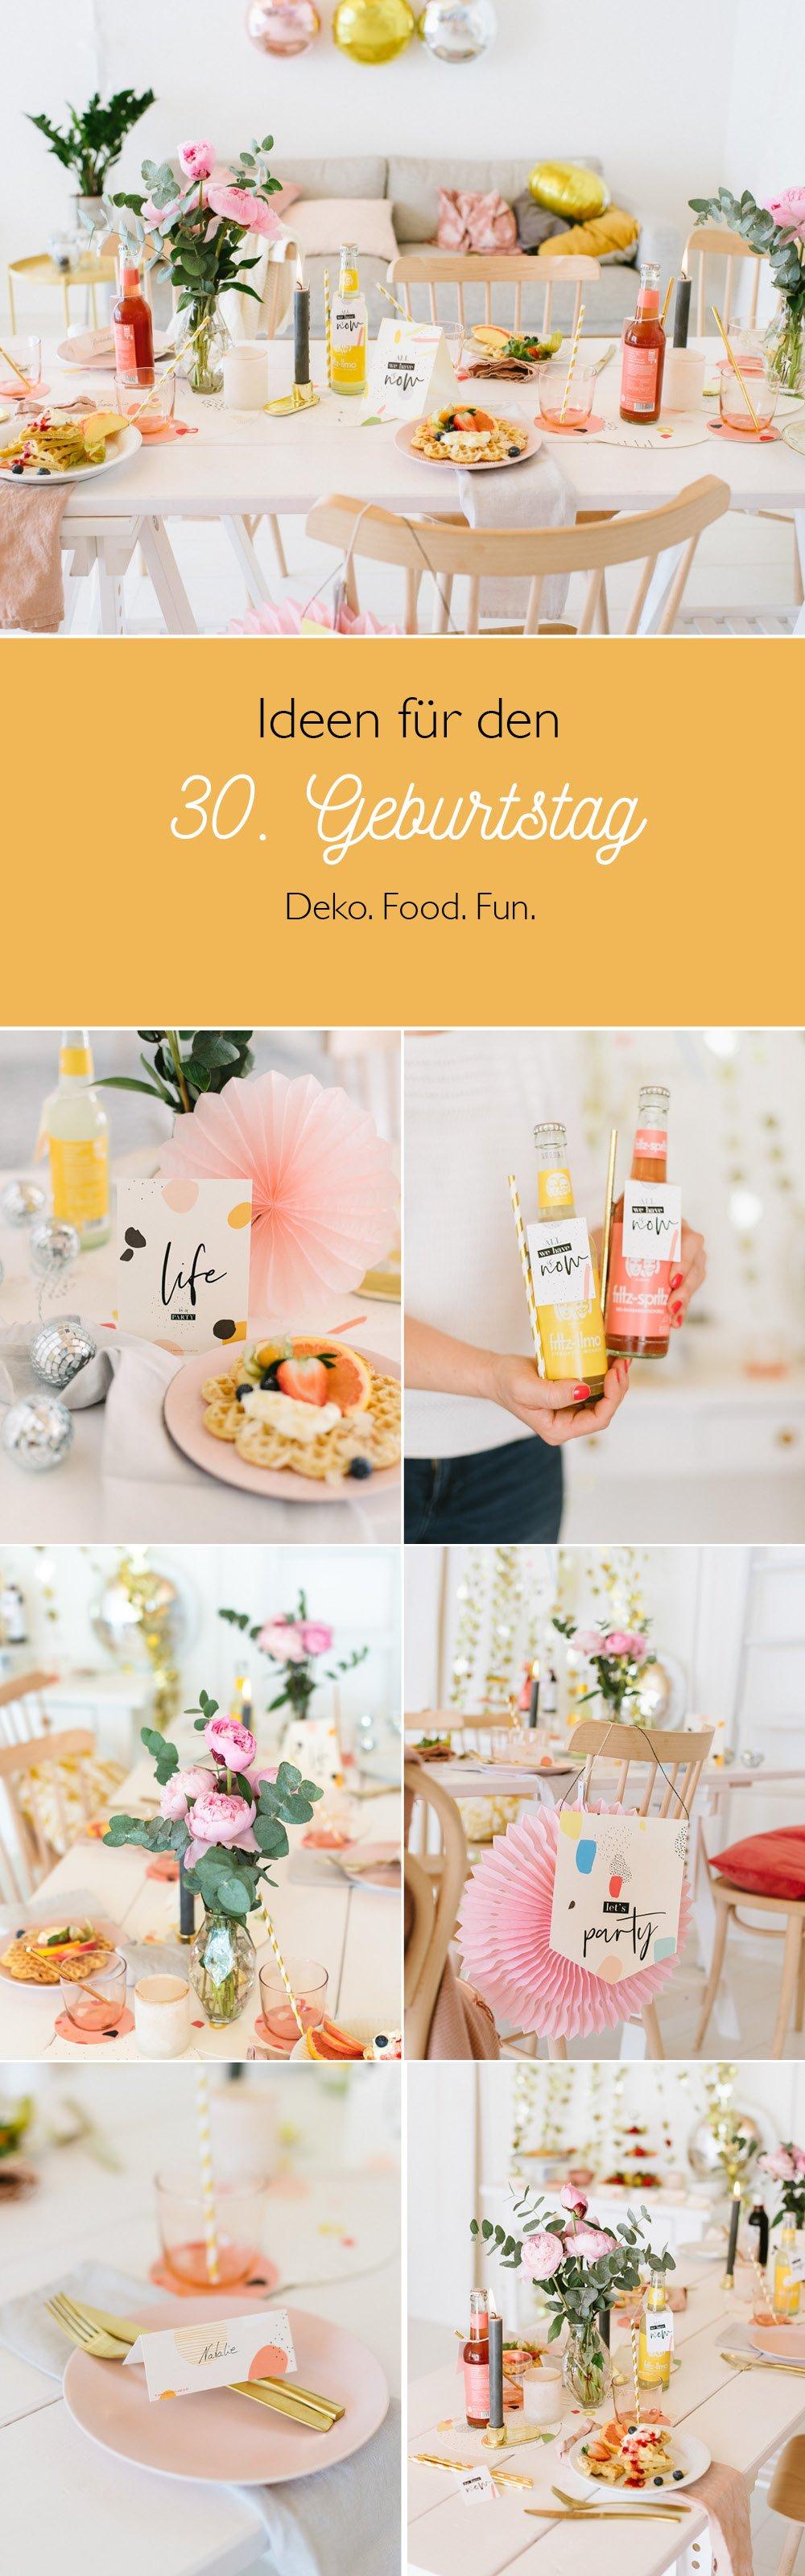 Deko Ideen 30. Geburtstag